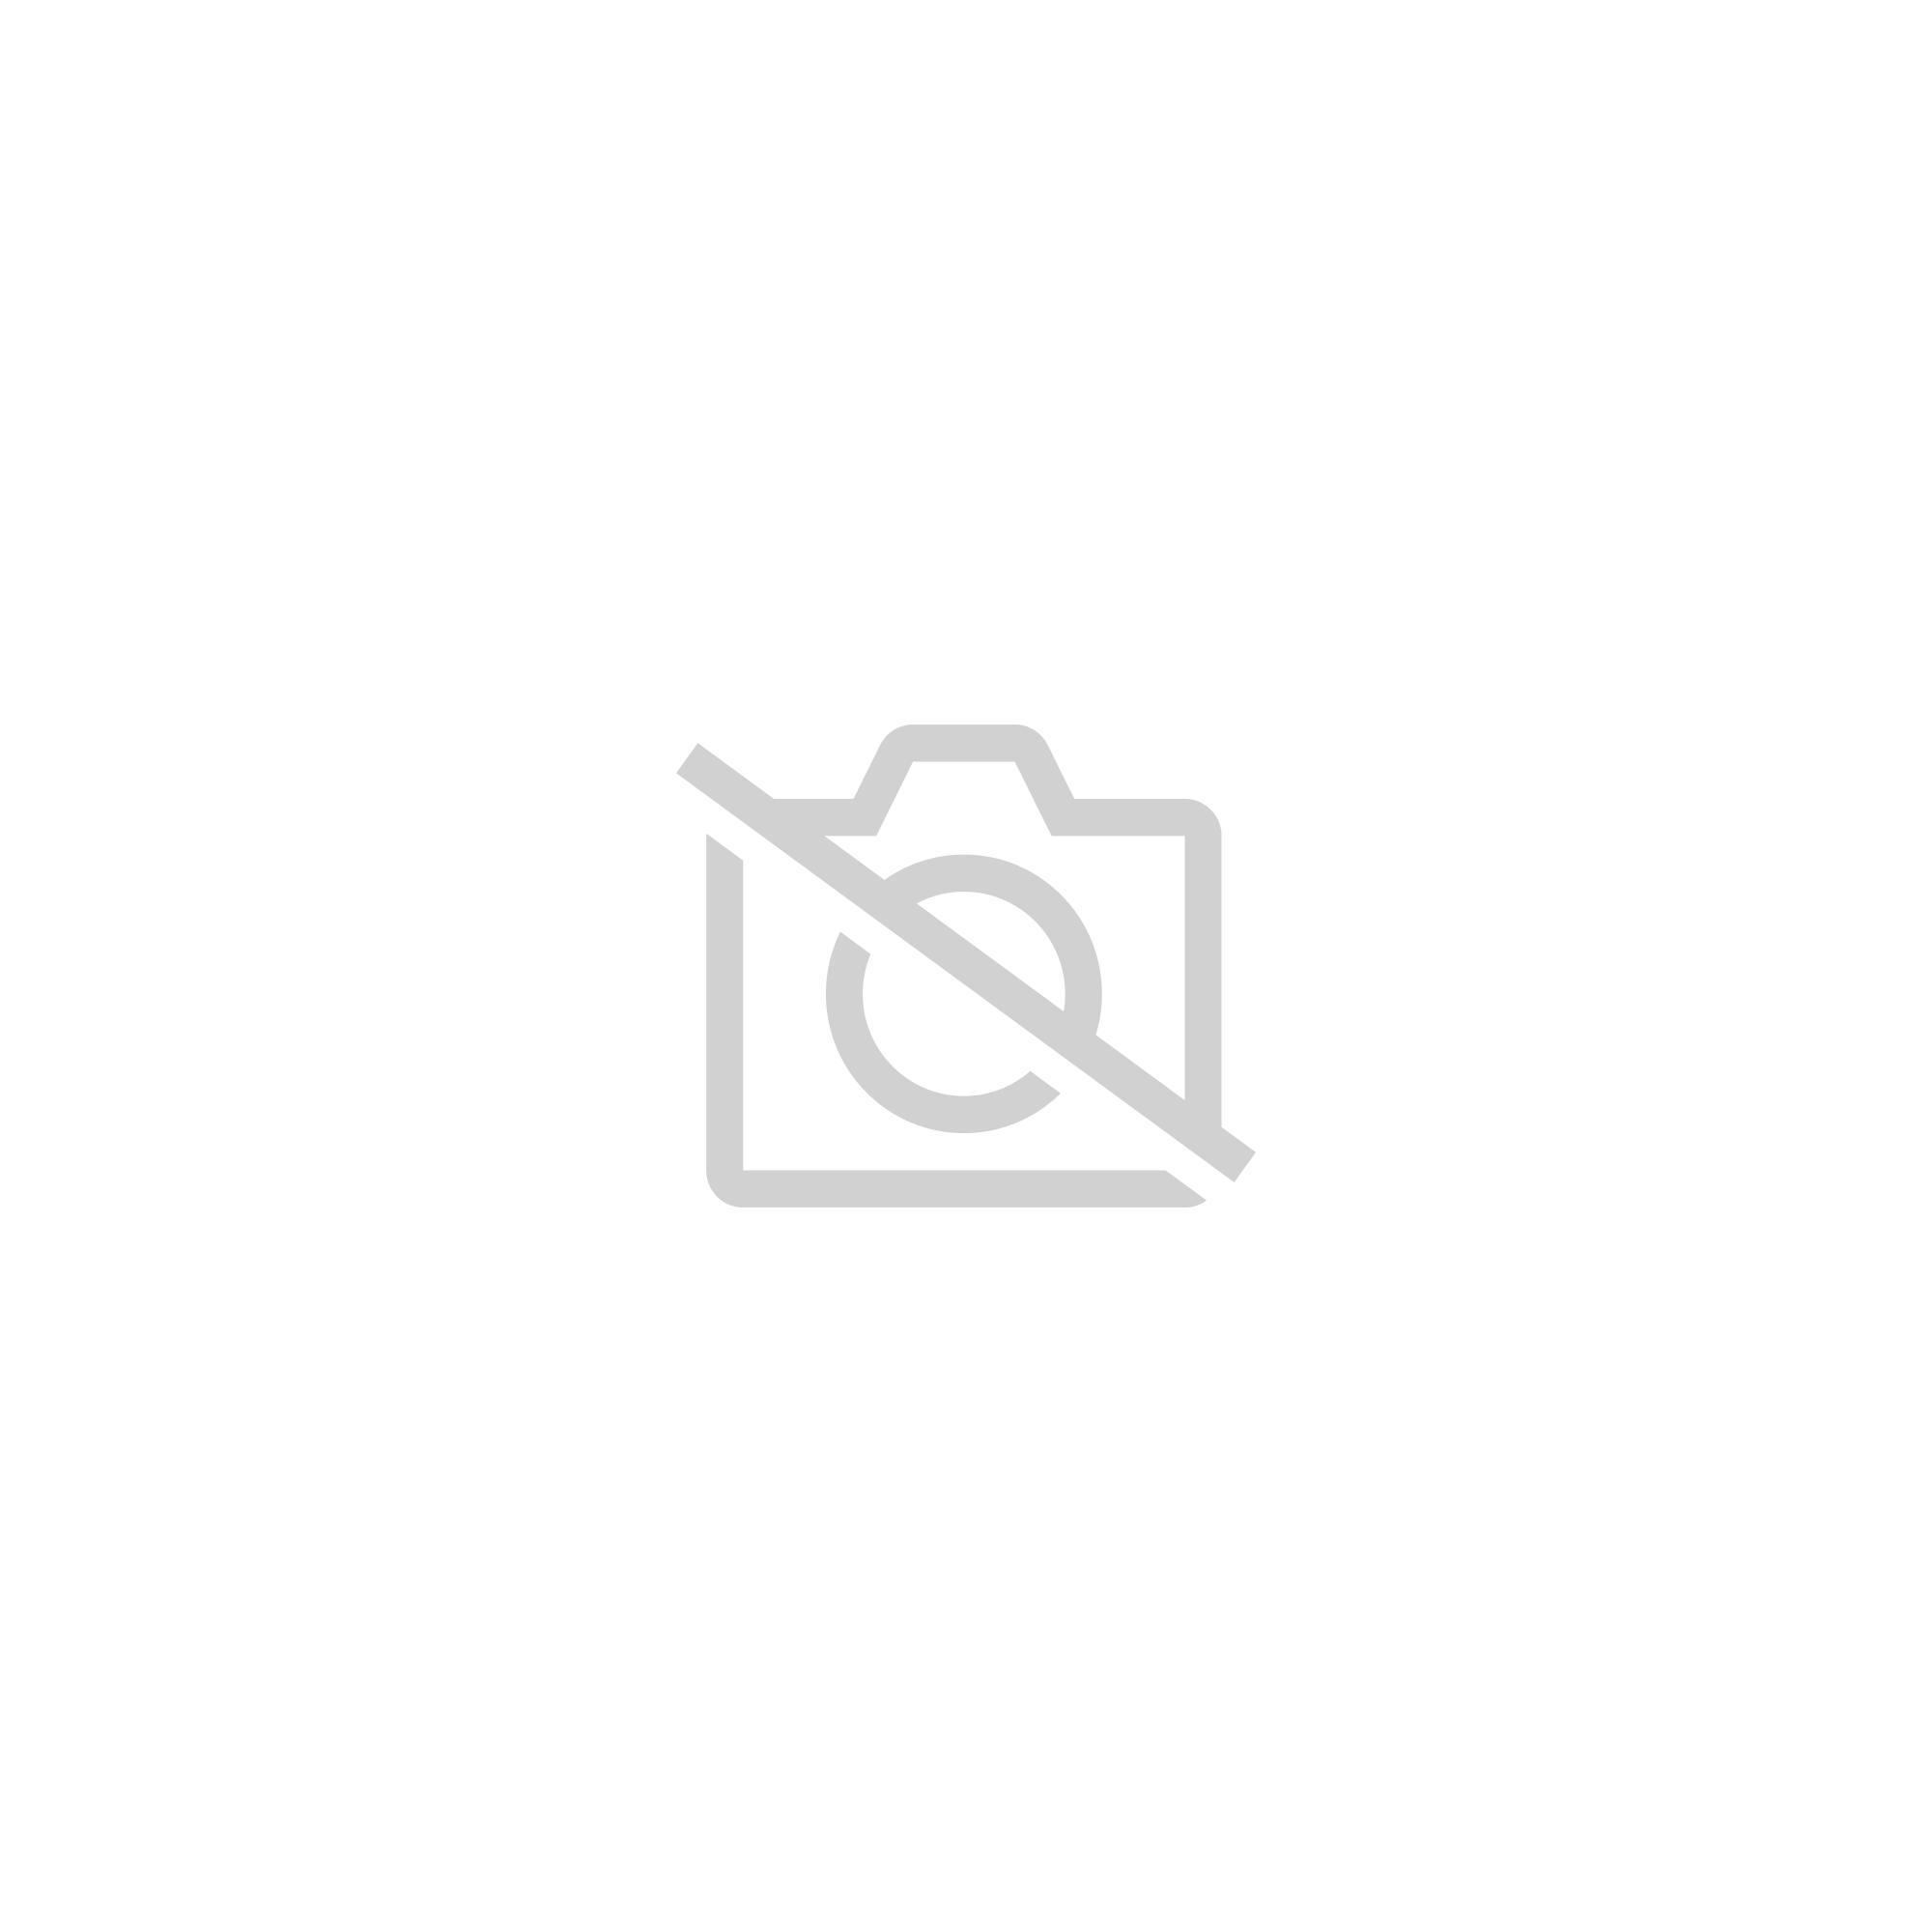 Cire Classic 40ml